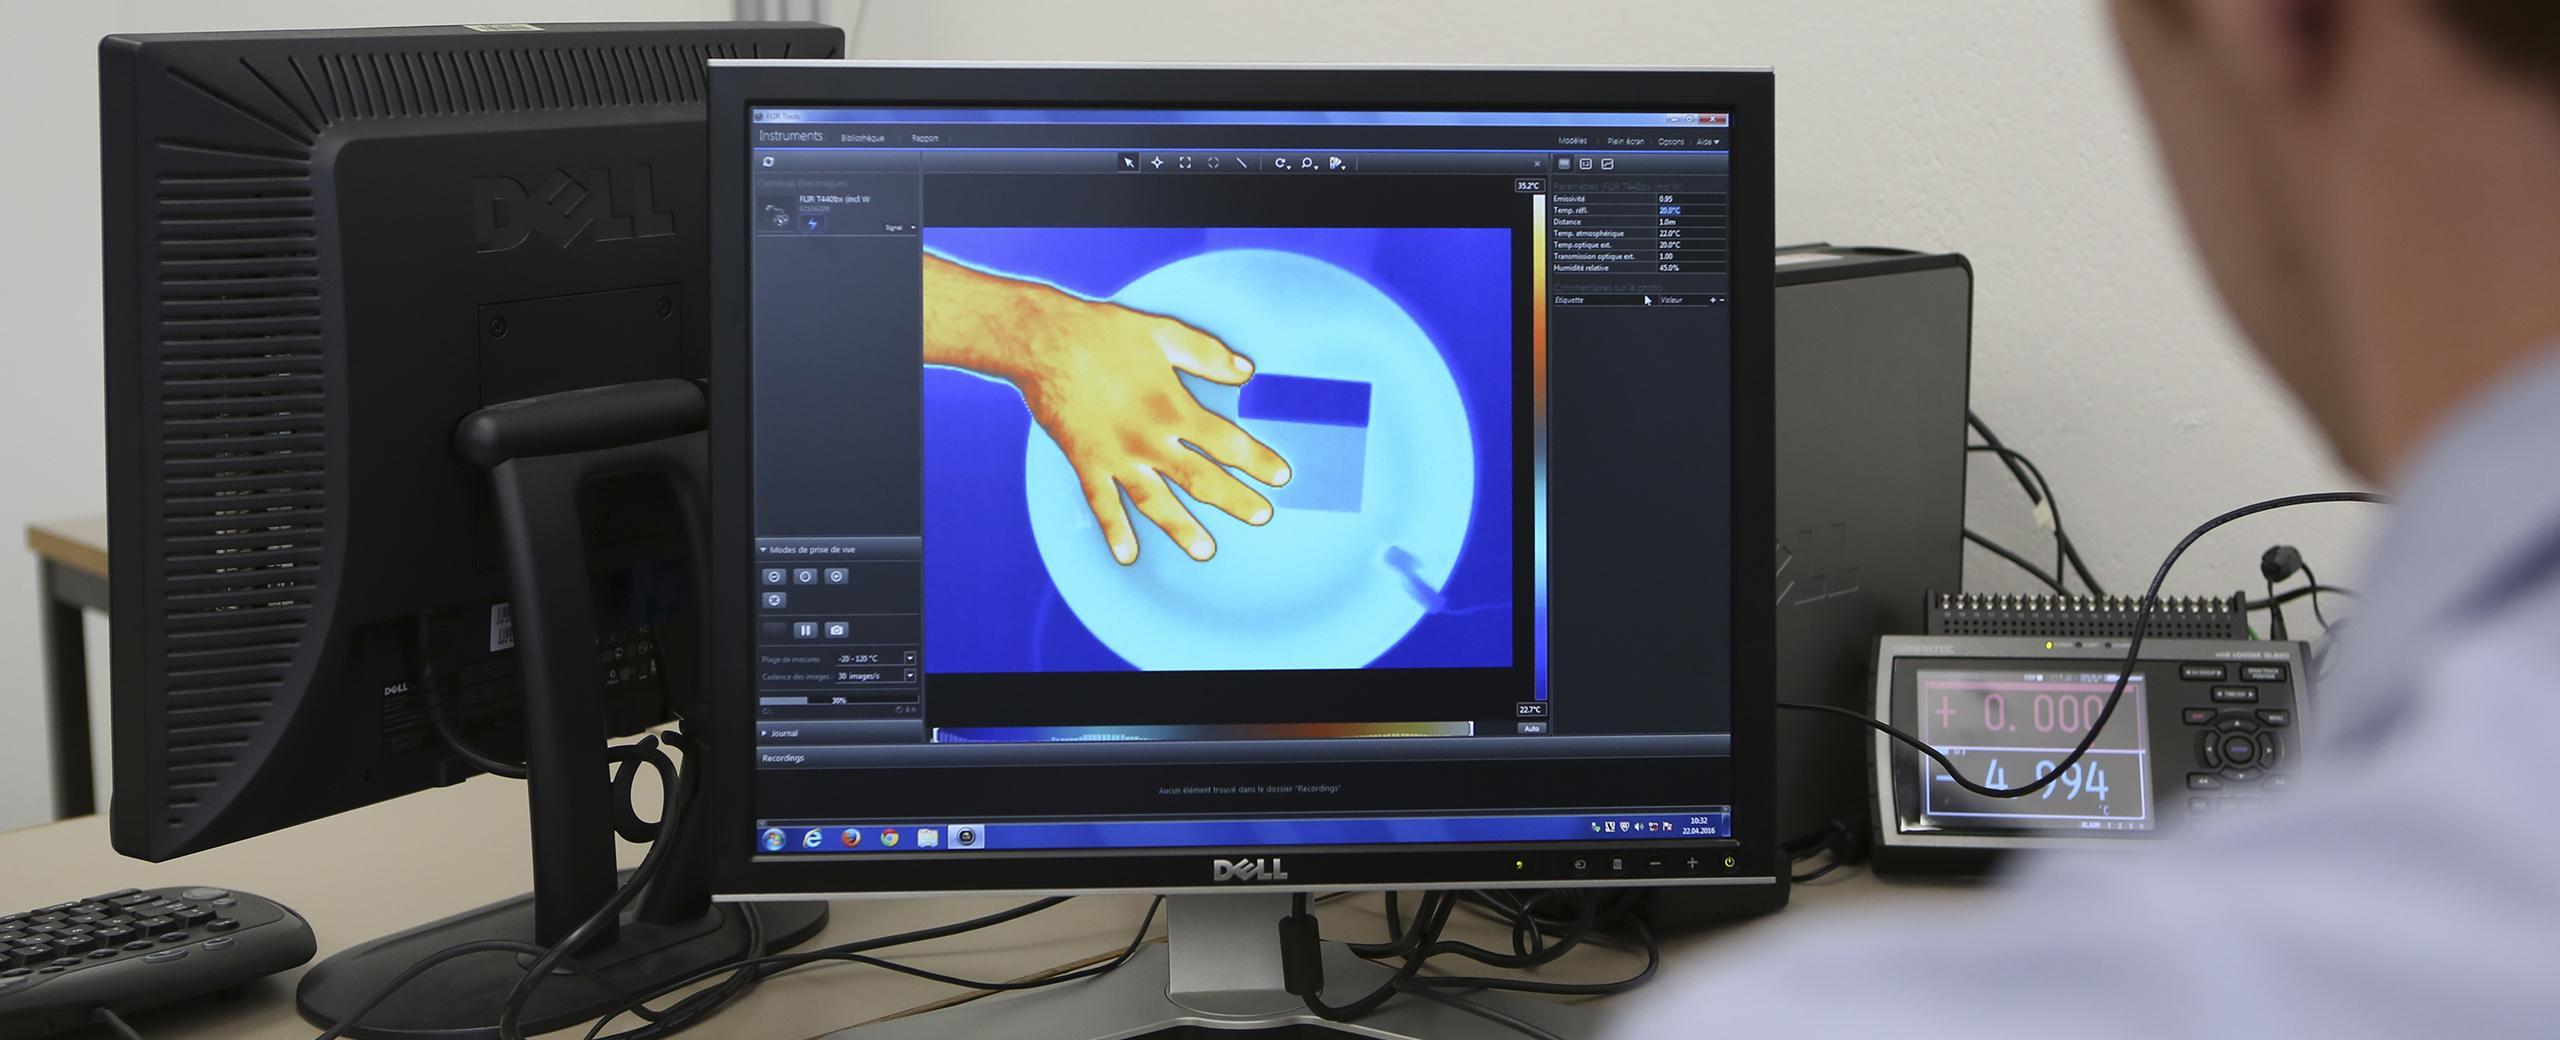 Diagnostique énergétique par imagerie infrarouge